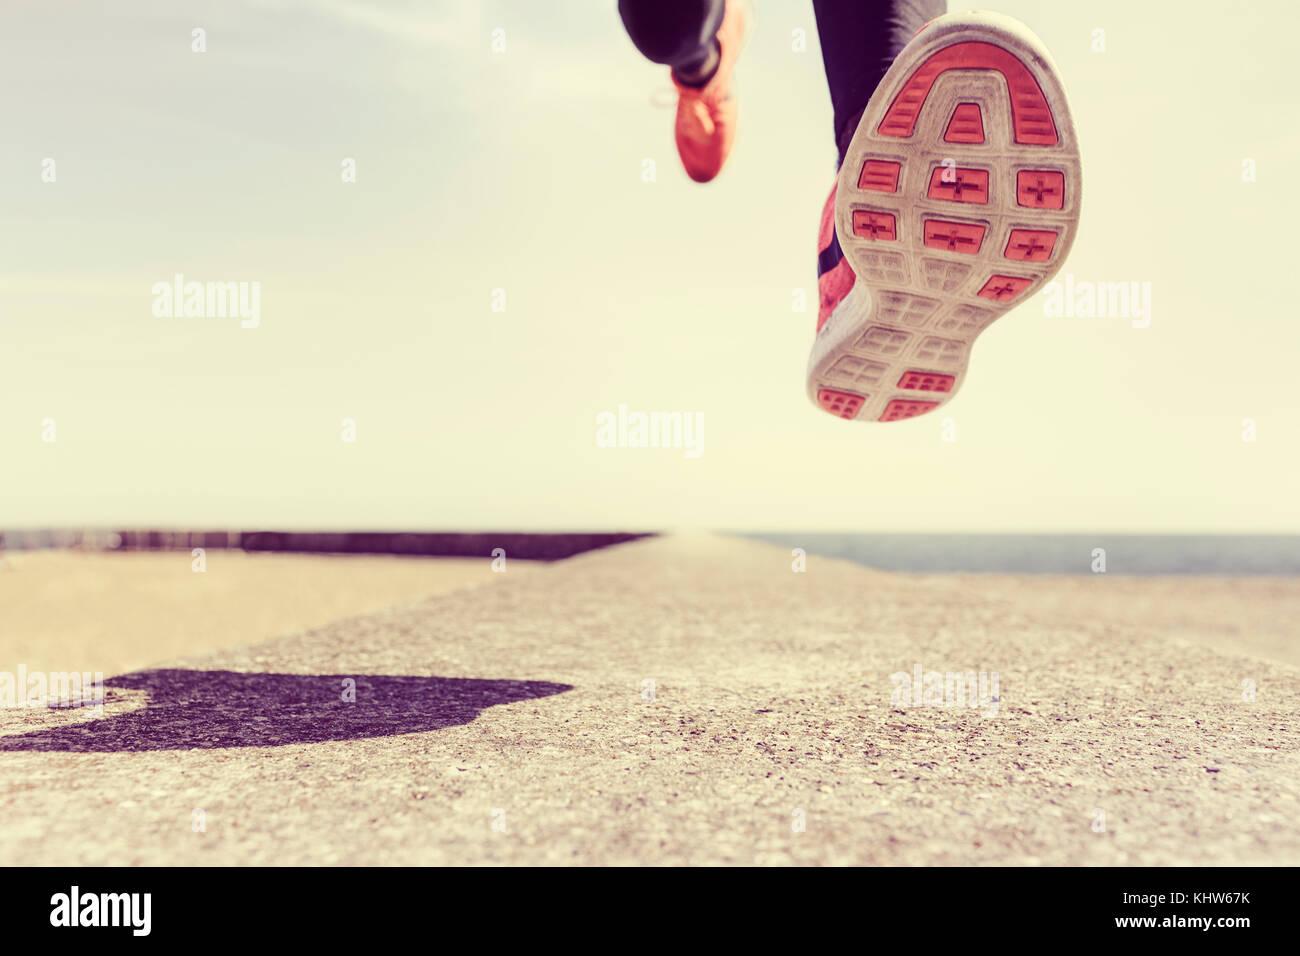 Joven corriendo al aire libre, aire, bajo la sección Imagen De Stock